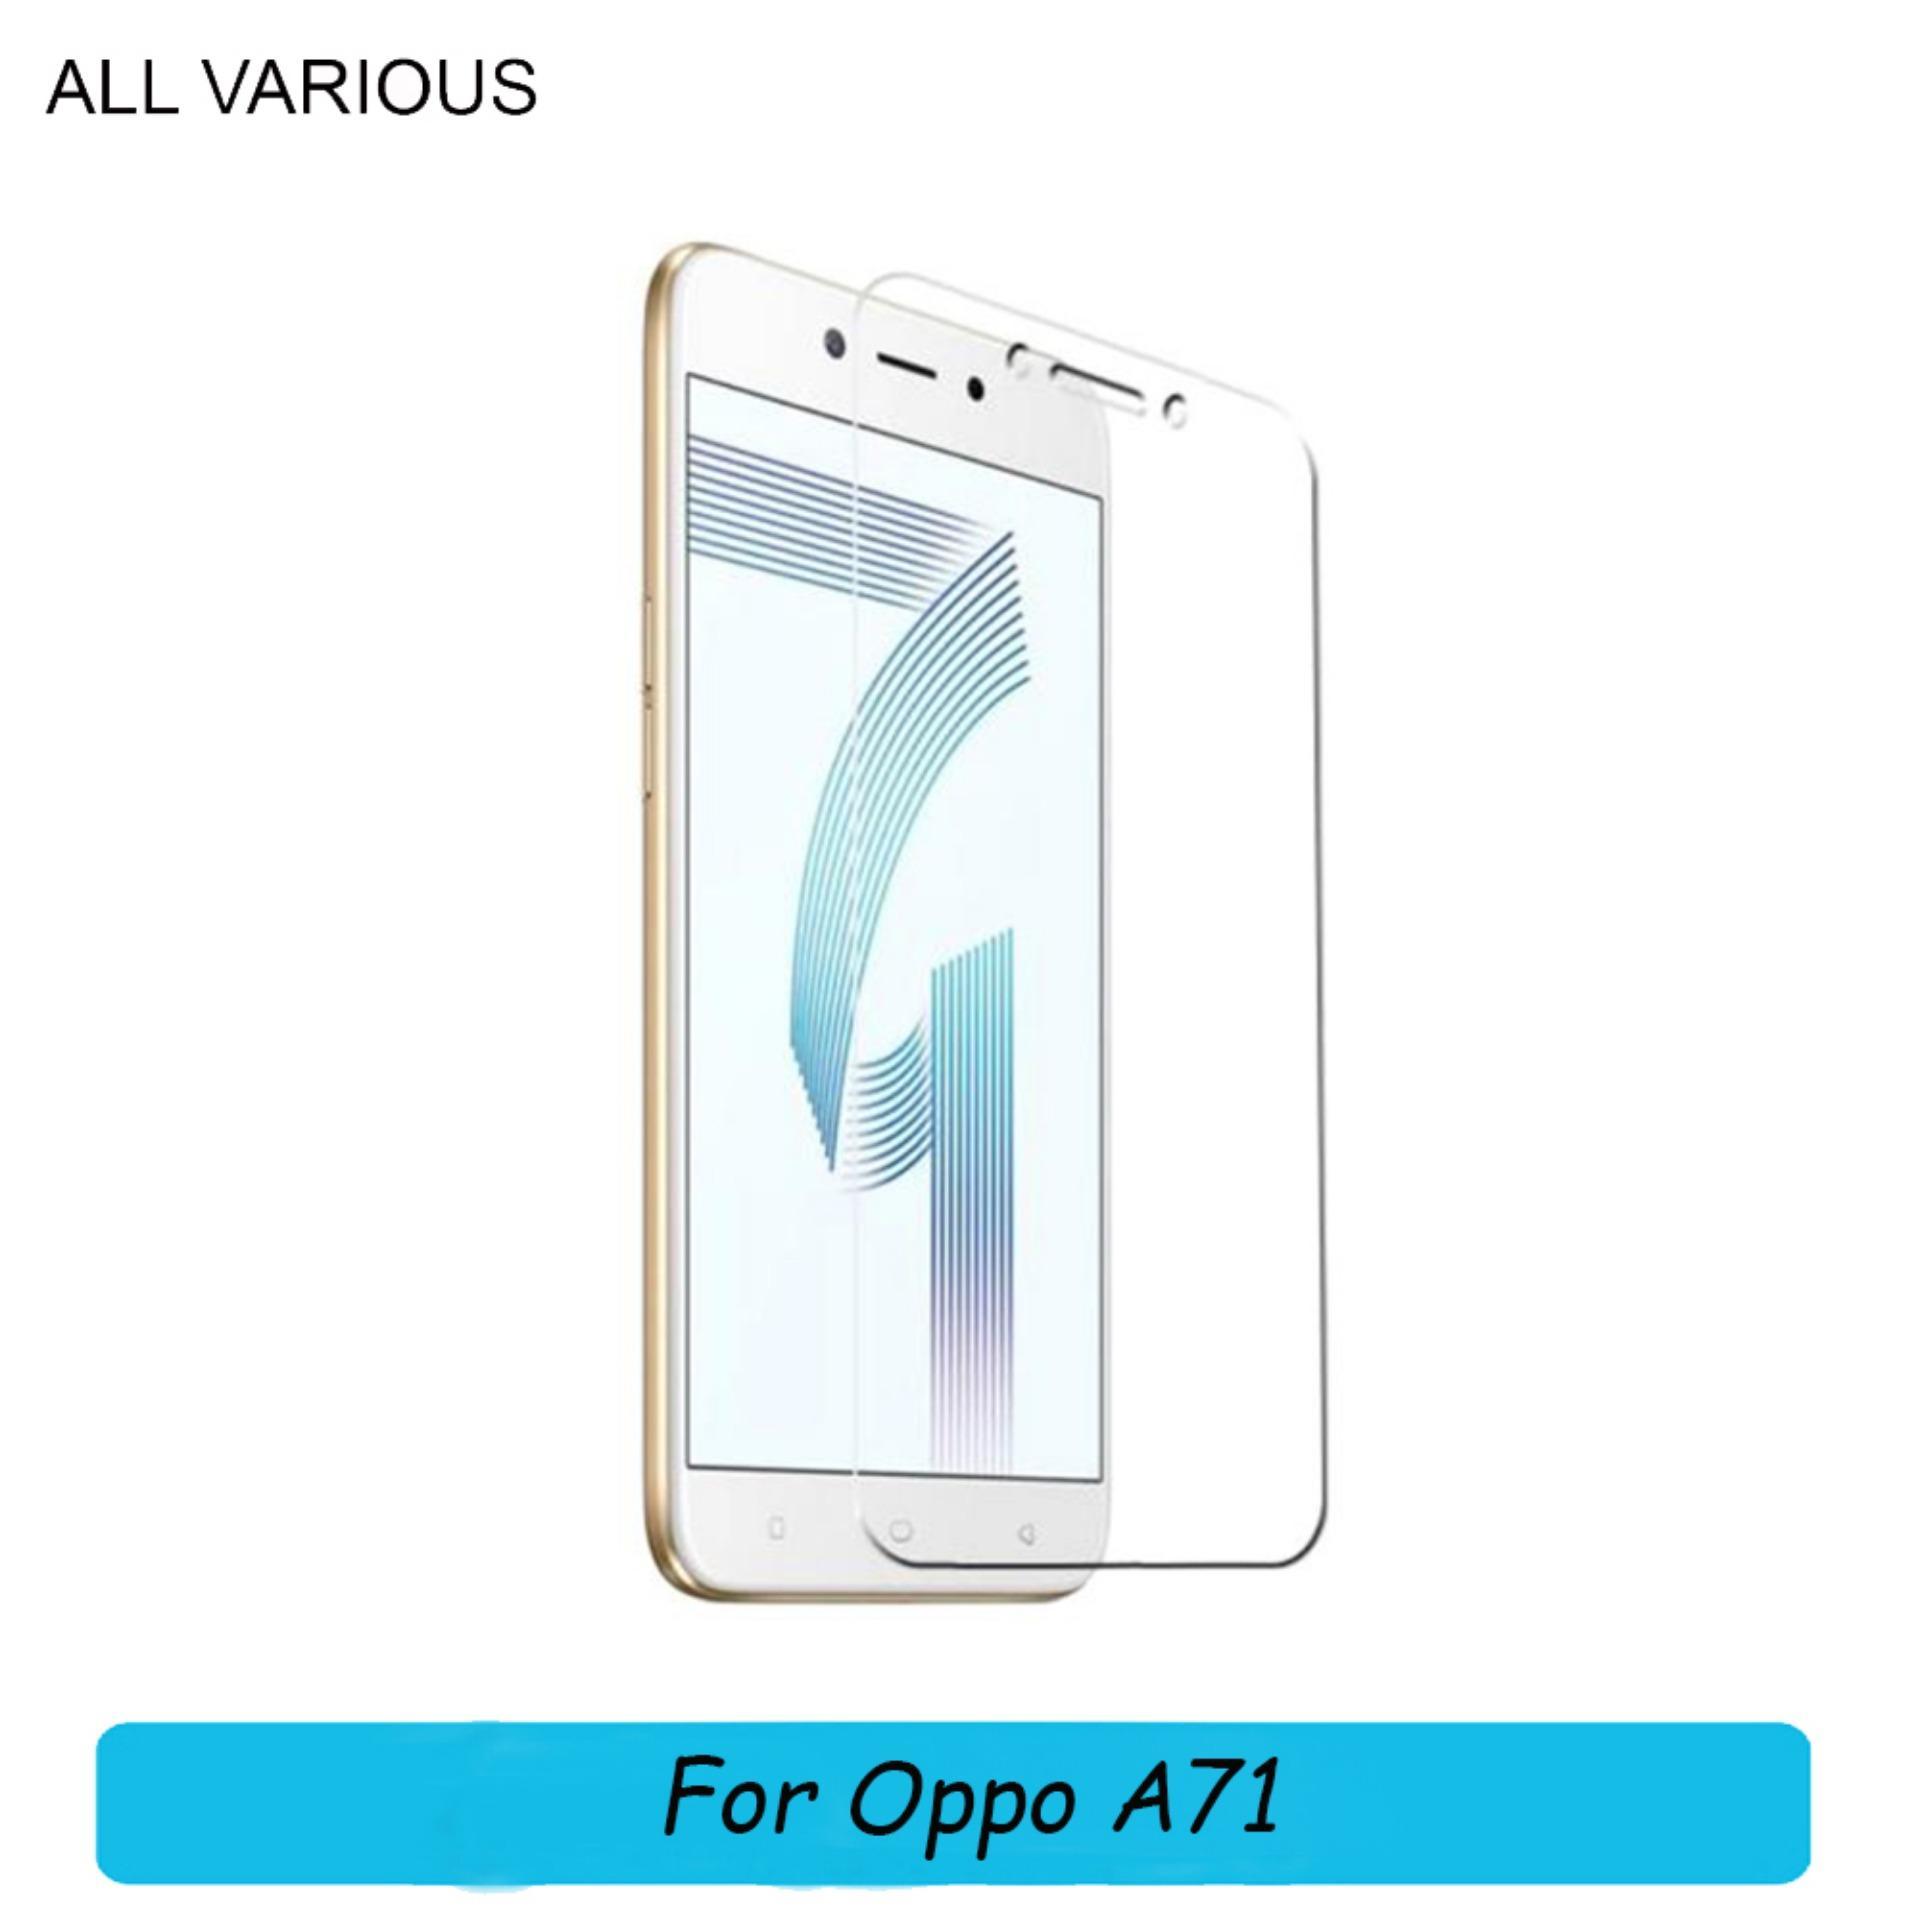 Oppo A71 Anti Gores Kaca / Tempered Glass Kaca Bening ALL VARIOUS